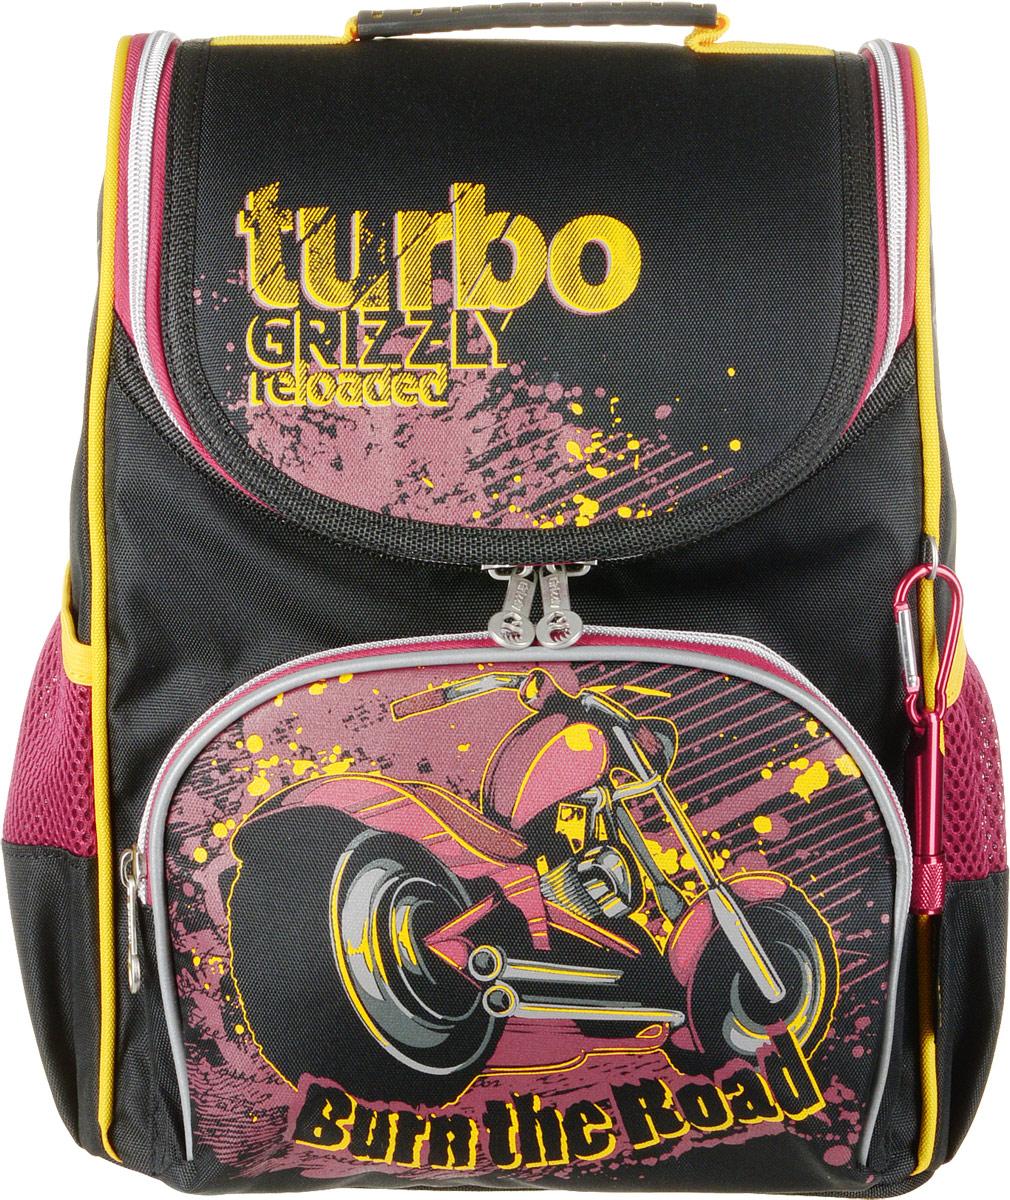 Grizzly Рюкзак школьный с мешком цвет черный красный фигура прыжок tuyue грудь мешок рюкзак рюкзак рюкзак мешок плеча после поездки на открытом воздухе досуг сумка рюкзак прилив карманы